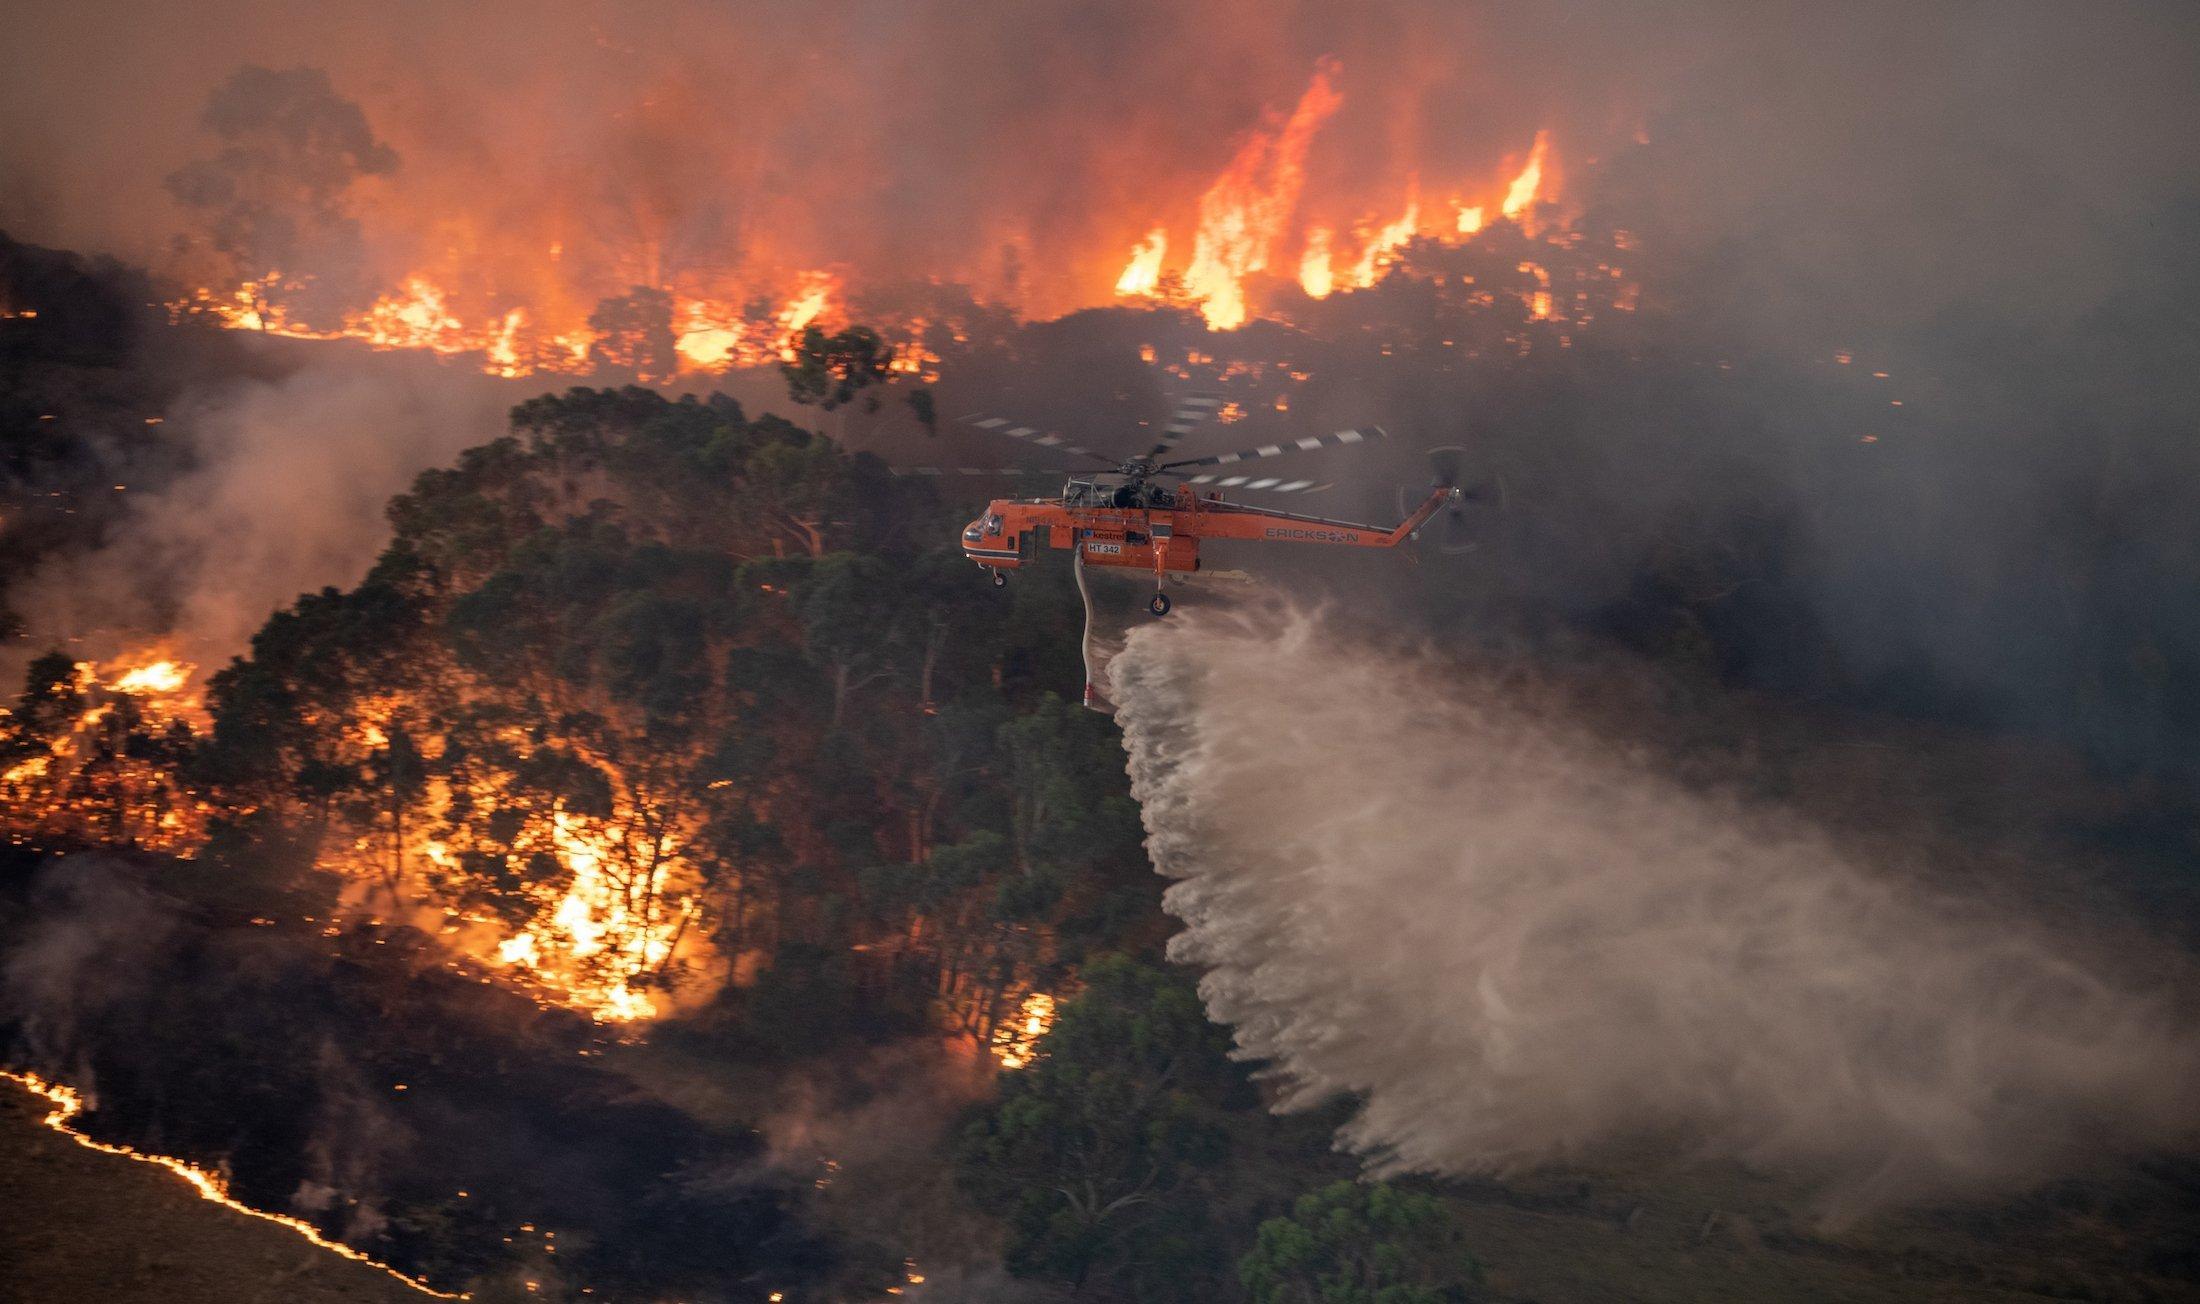 Das Bild zeigt, wie ein Feuerwehrhubschrauber bei Nacht eine große Menge Wasser über einem Waldbrand ausschüttet.